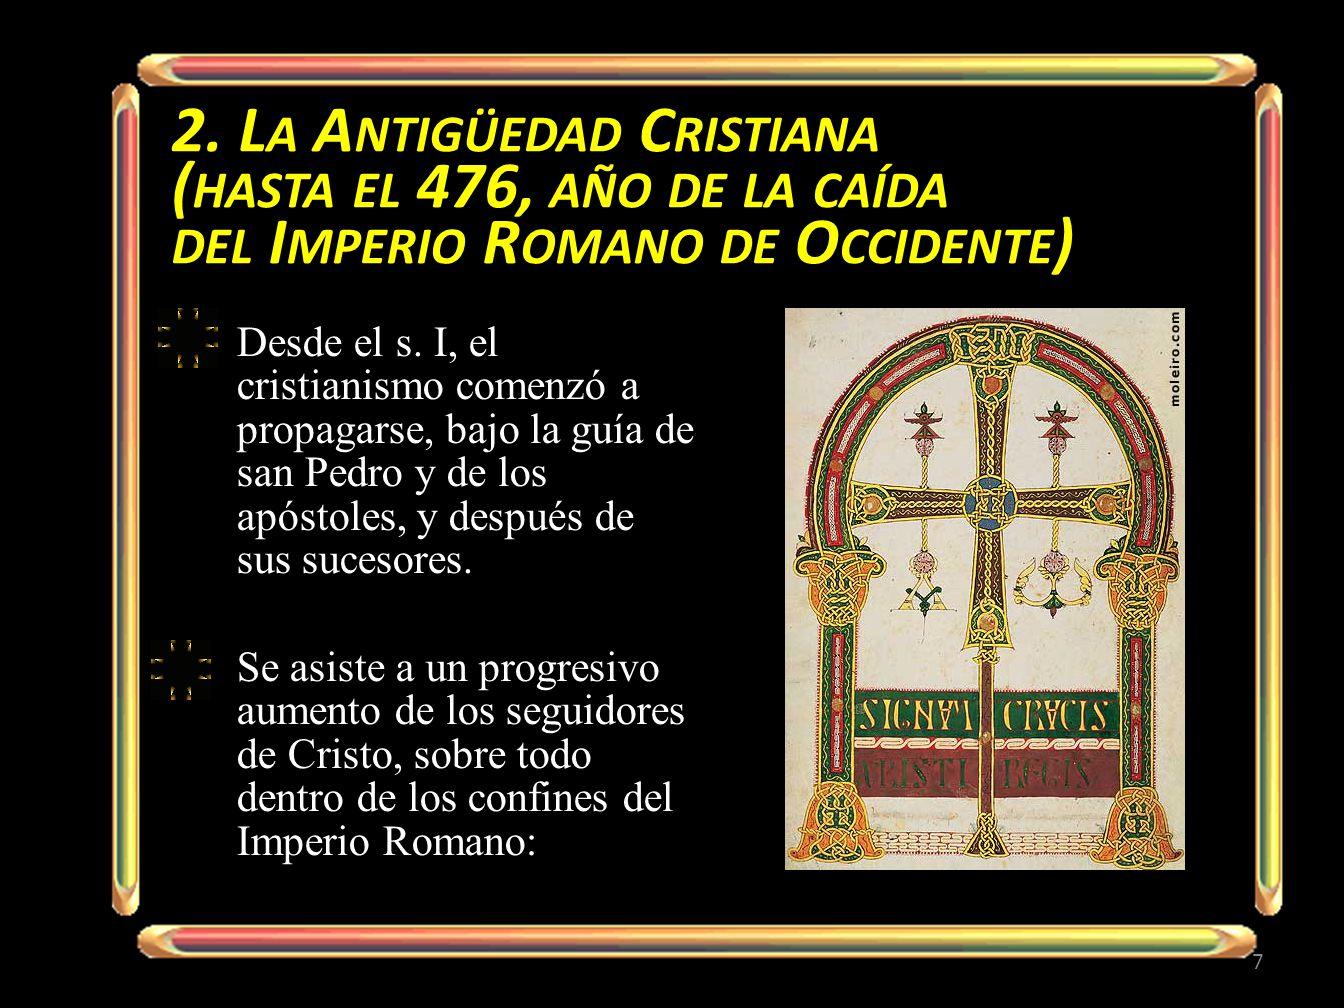 2. L A A NTIGÜEDAD C RISTIANA ( HASTA EL 476, AÑO DE LA CAÍDA DEL I MPERIO R OMANO DE O CCIDENTE ) Desde el s. I, el cristianismo comenzó a propagarse